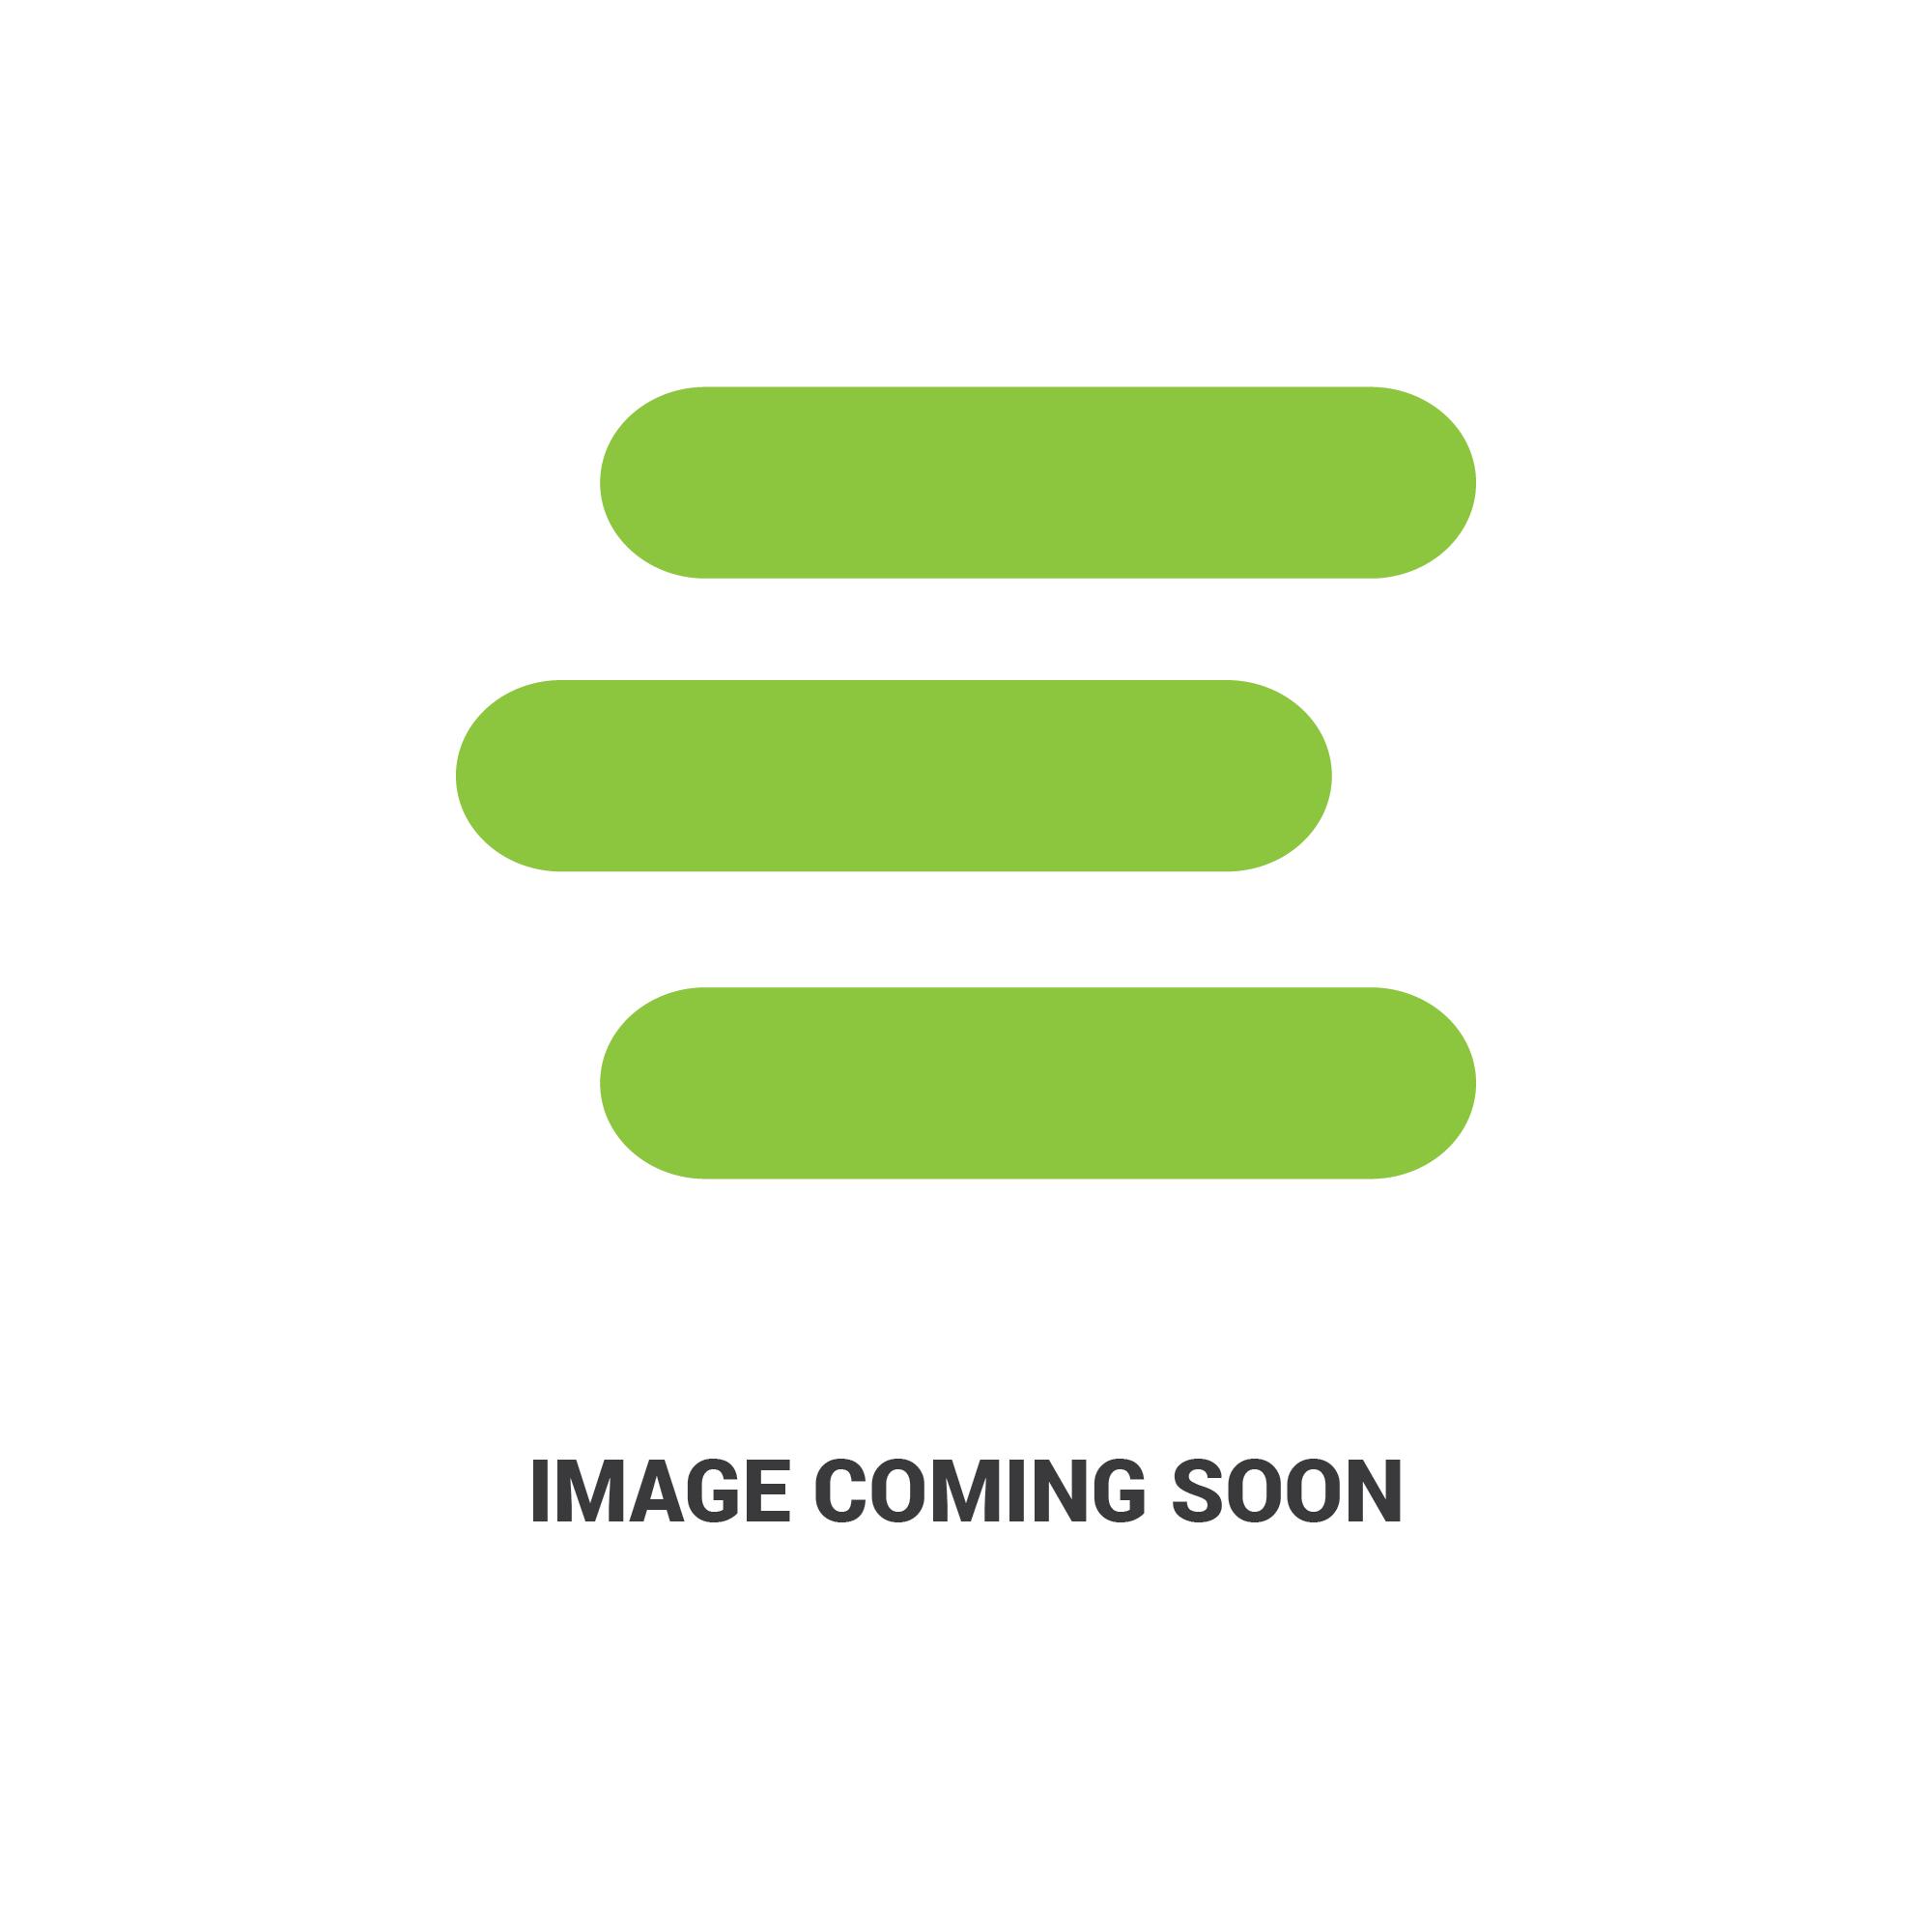 E-R161288edit 1.jpg